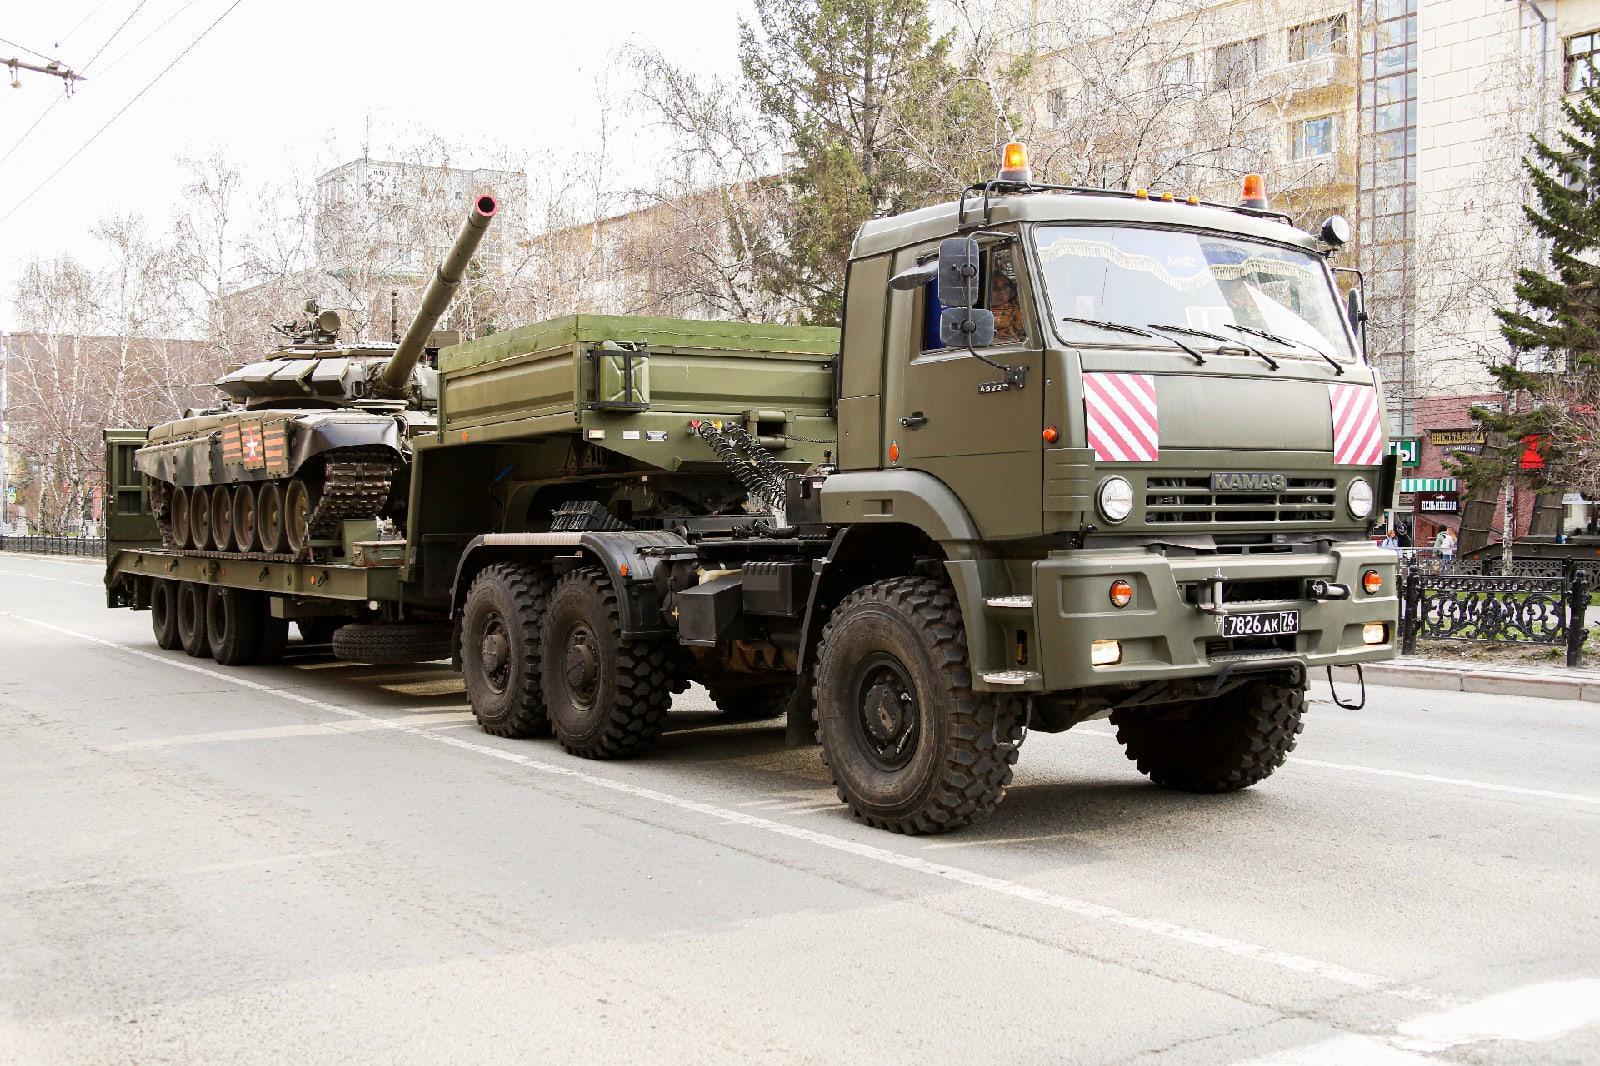 Фото Репетиция военного парада состоялась в Новосибирске 6